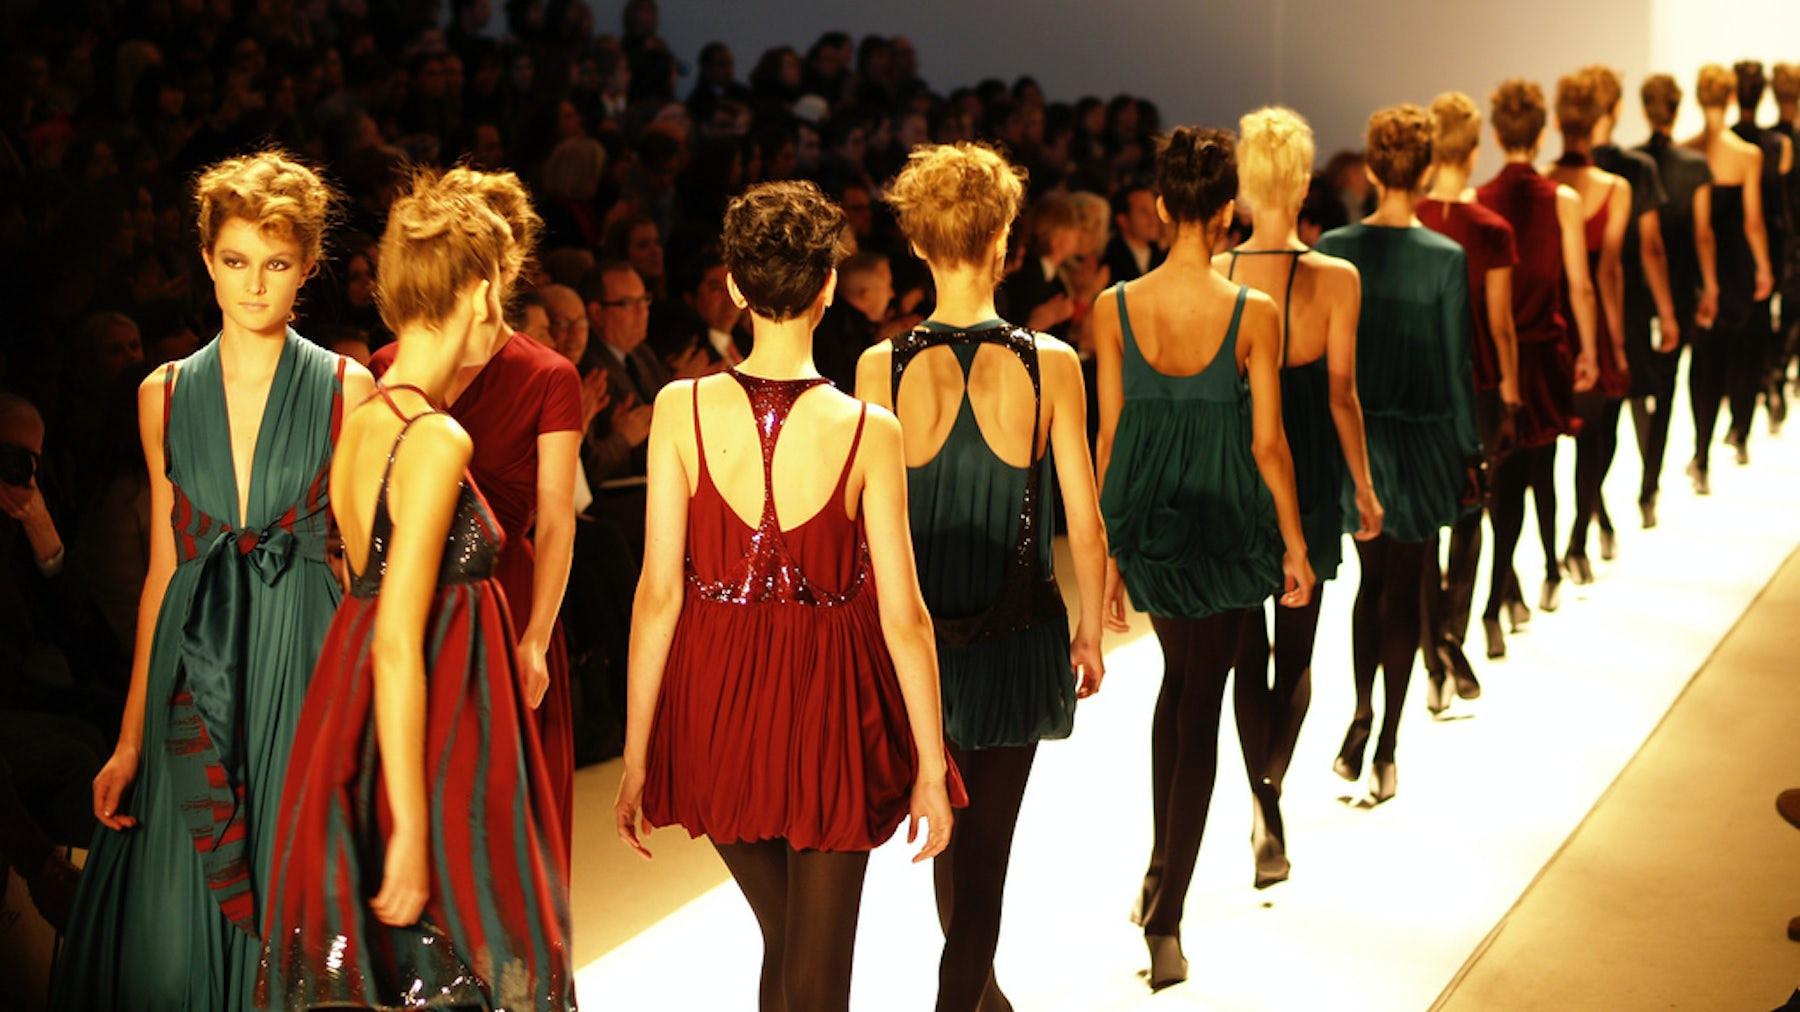 Runway_Models__Source_Flickr.jpg